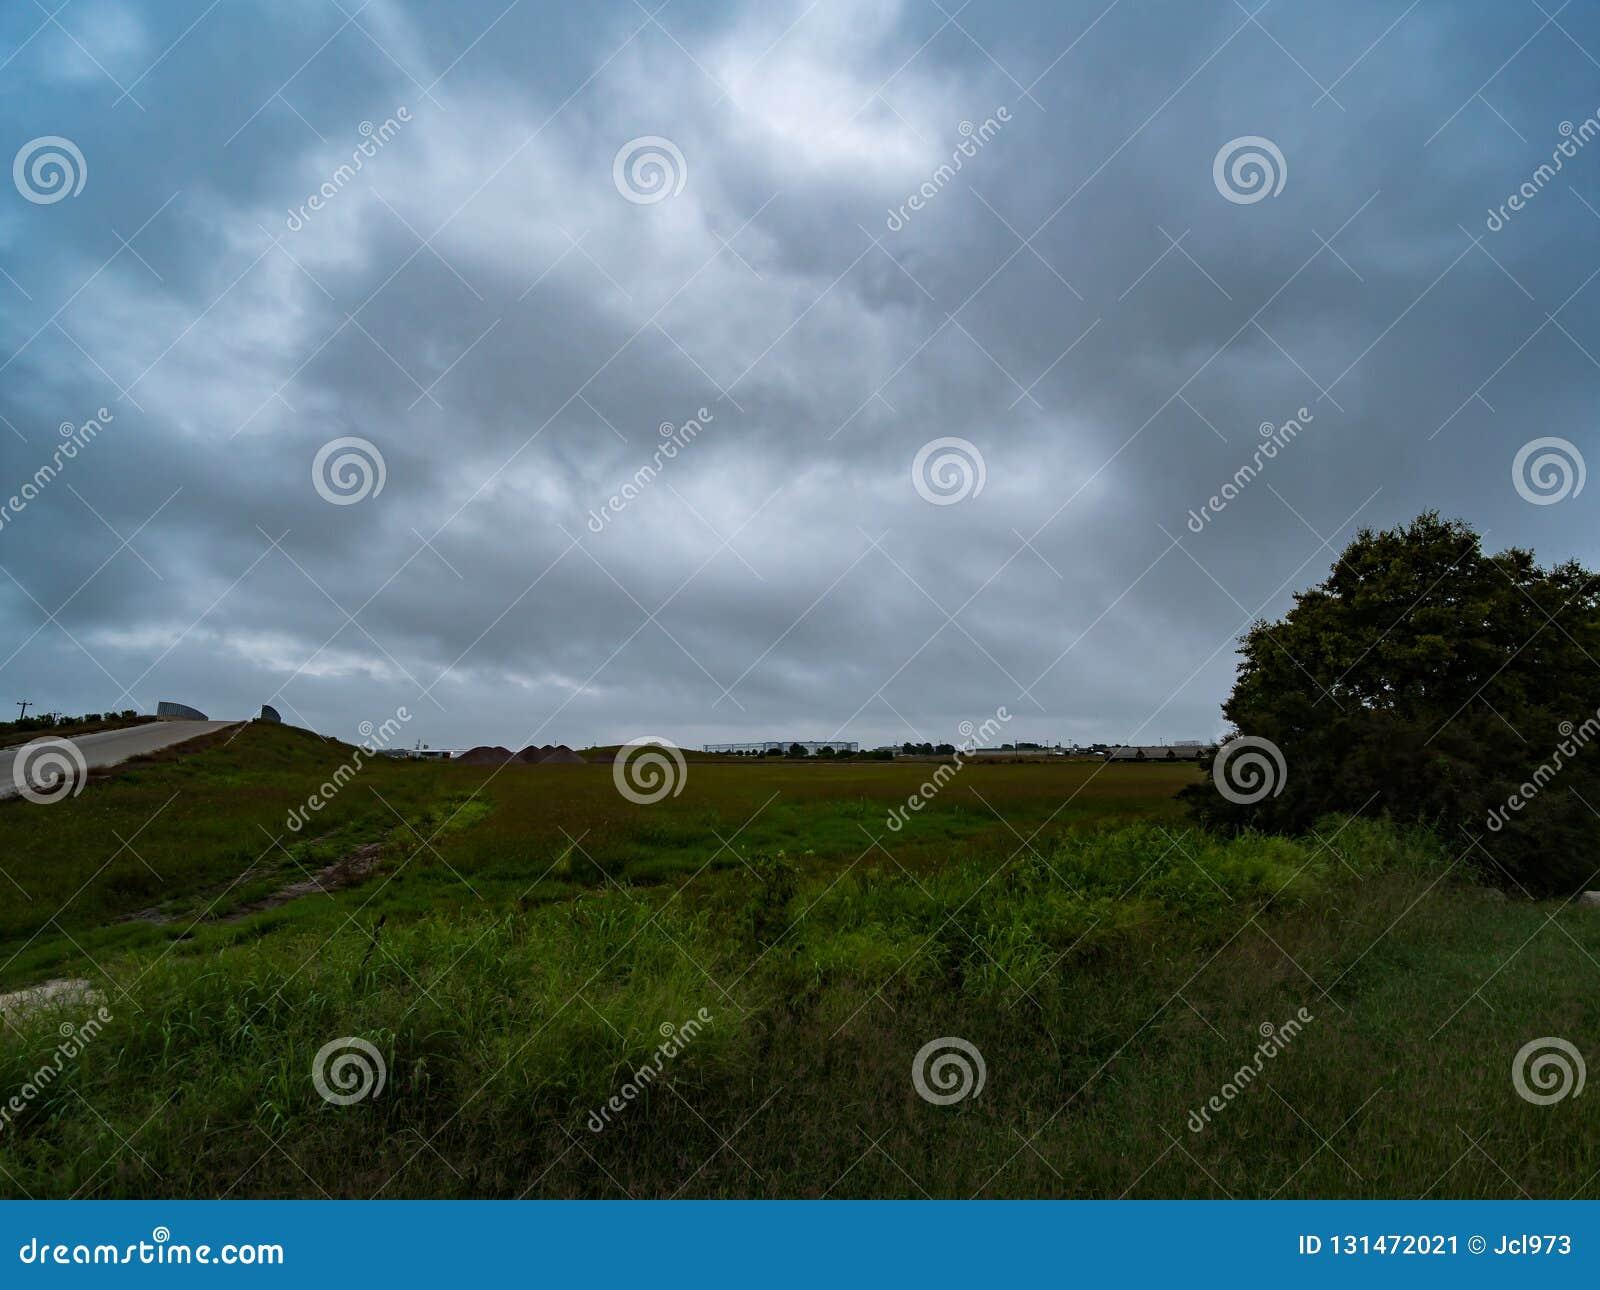 美丽的蓝色阴云密布,多云天空